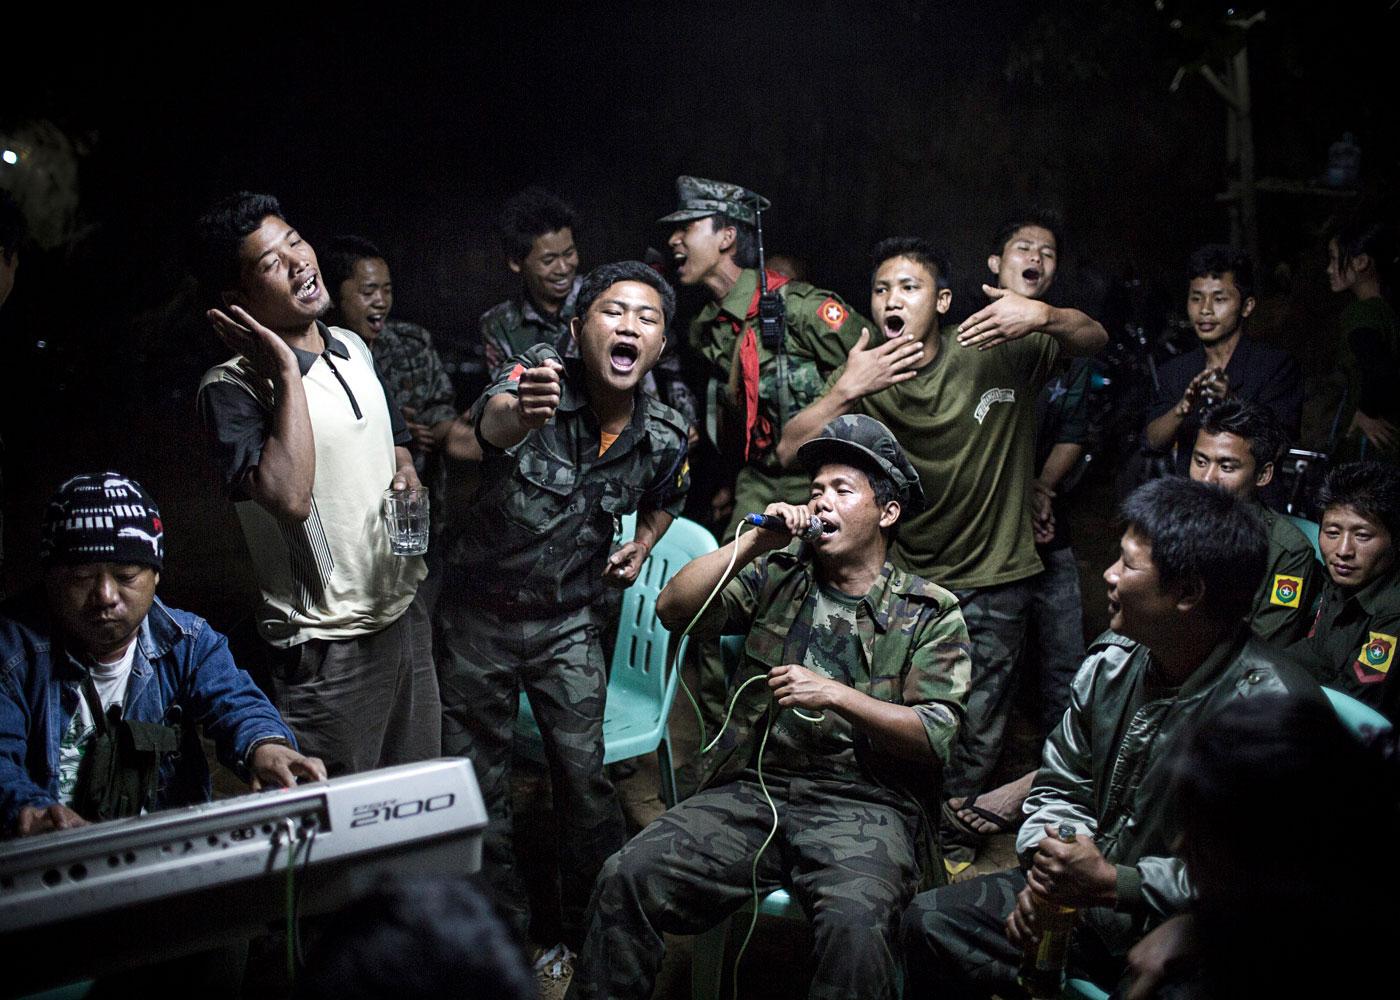 Kämpfer der Unabhängigkeitsarmee feiern bei der Beerdigung eines ihrer Kommandeure, Burma ©Julius Schrank